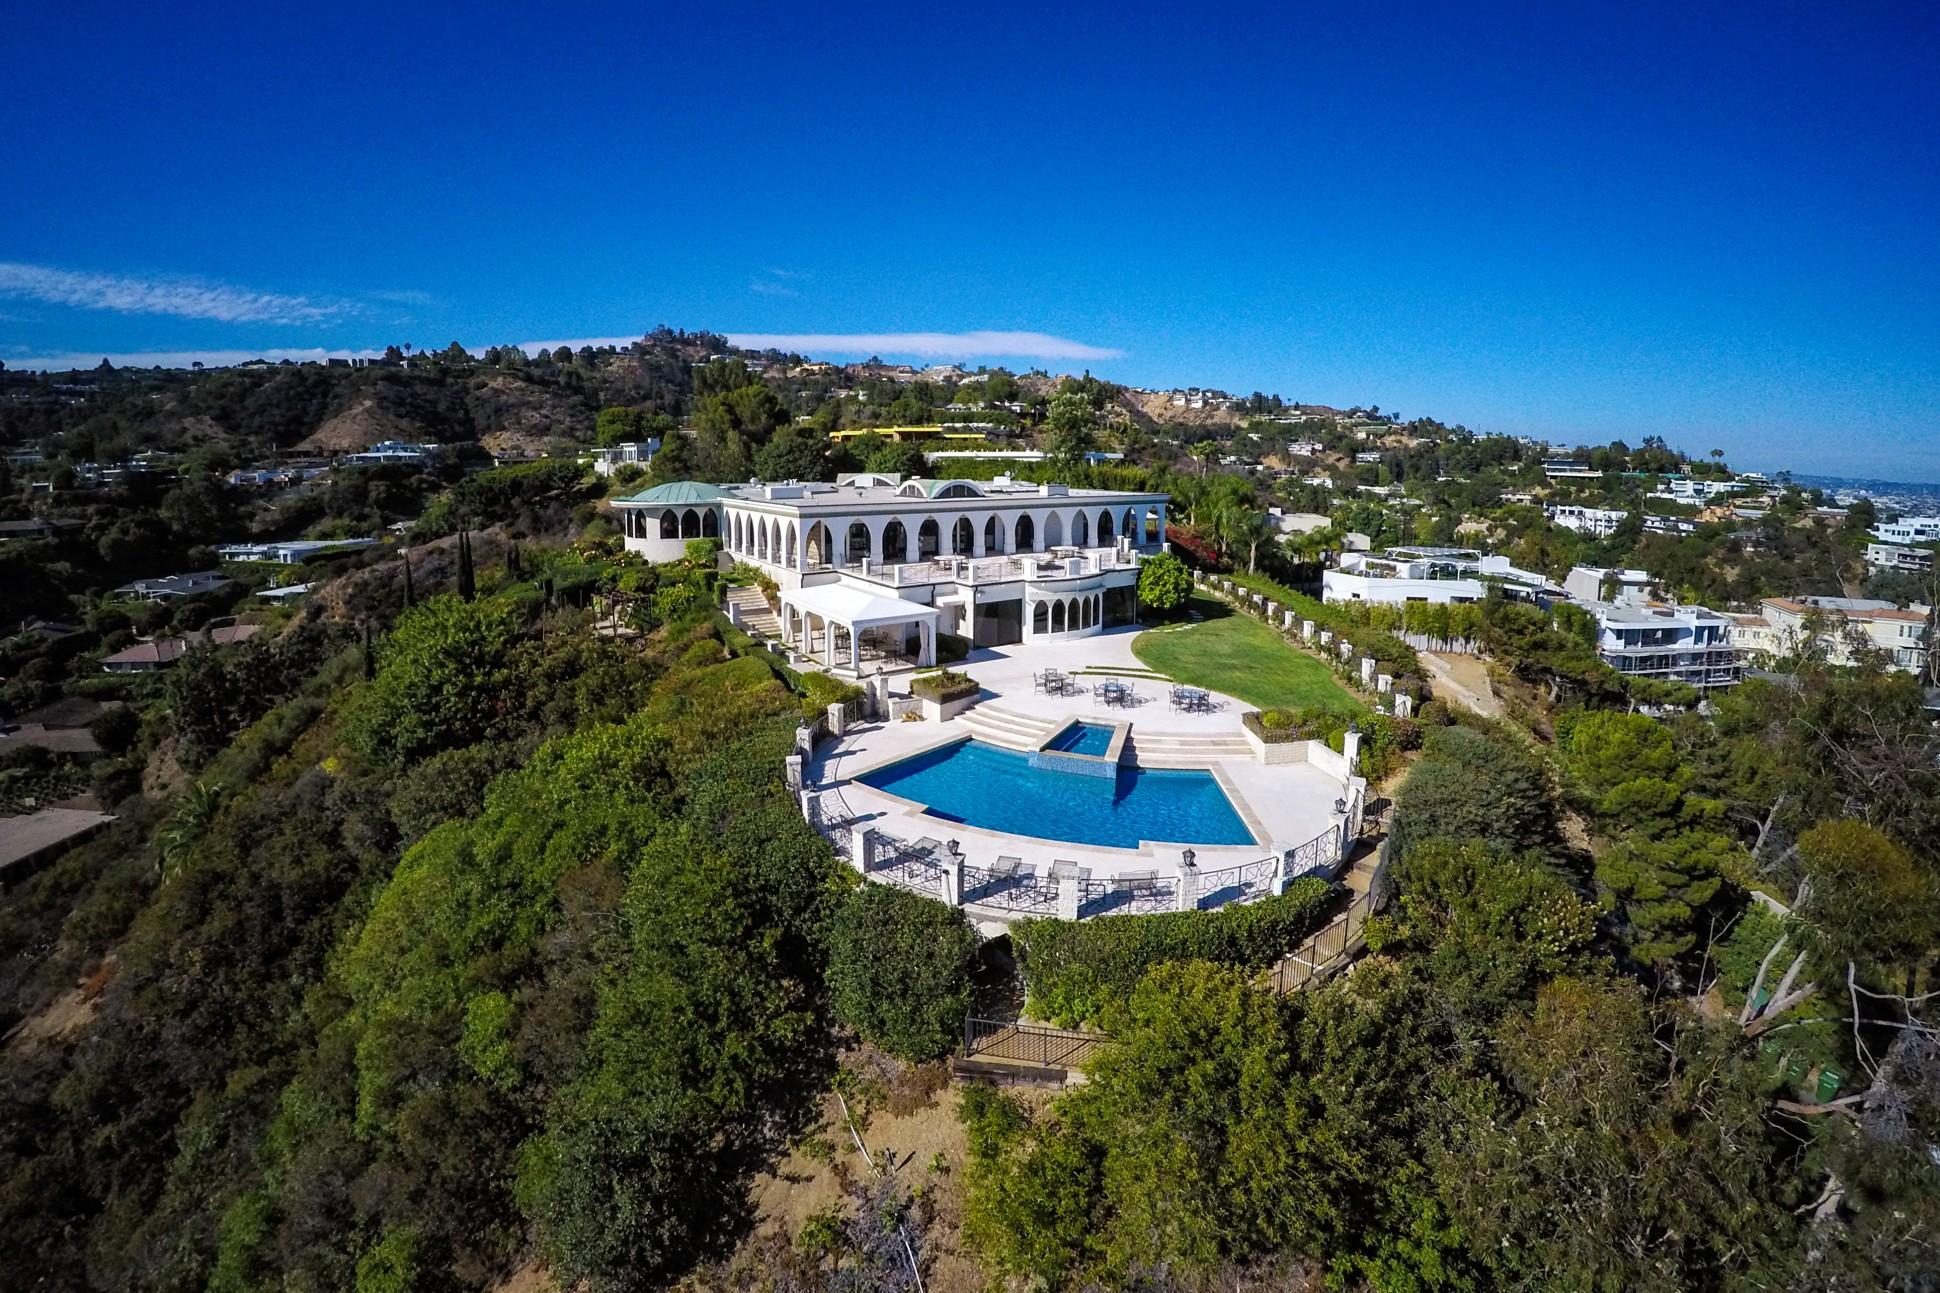 """أغلى بيت في العالم """"للراغبين""""! منزل جيبلبير شاغوري في لوس أنجلوس معروض للبيع بـ135 مليون دولار."""